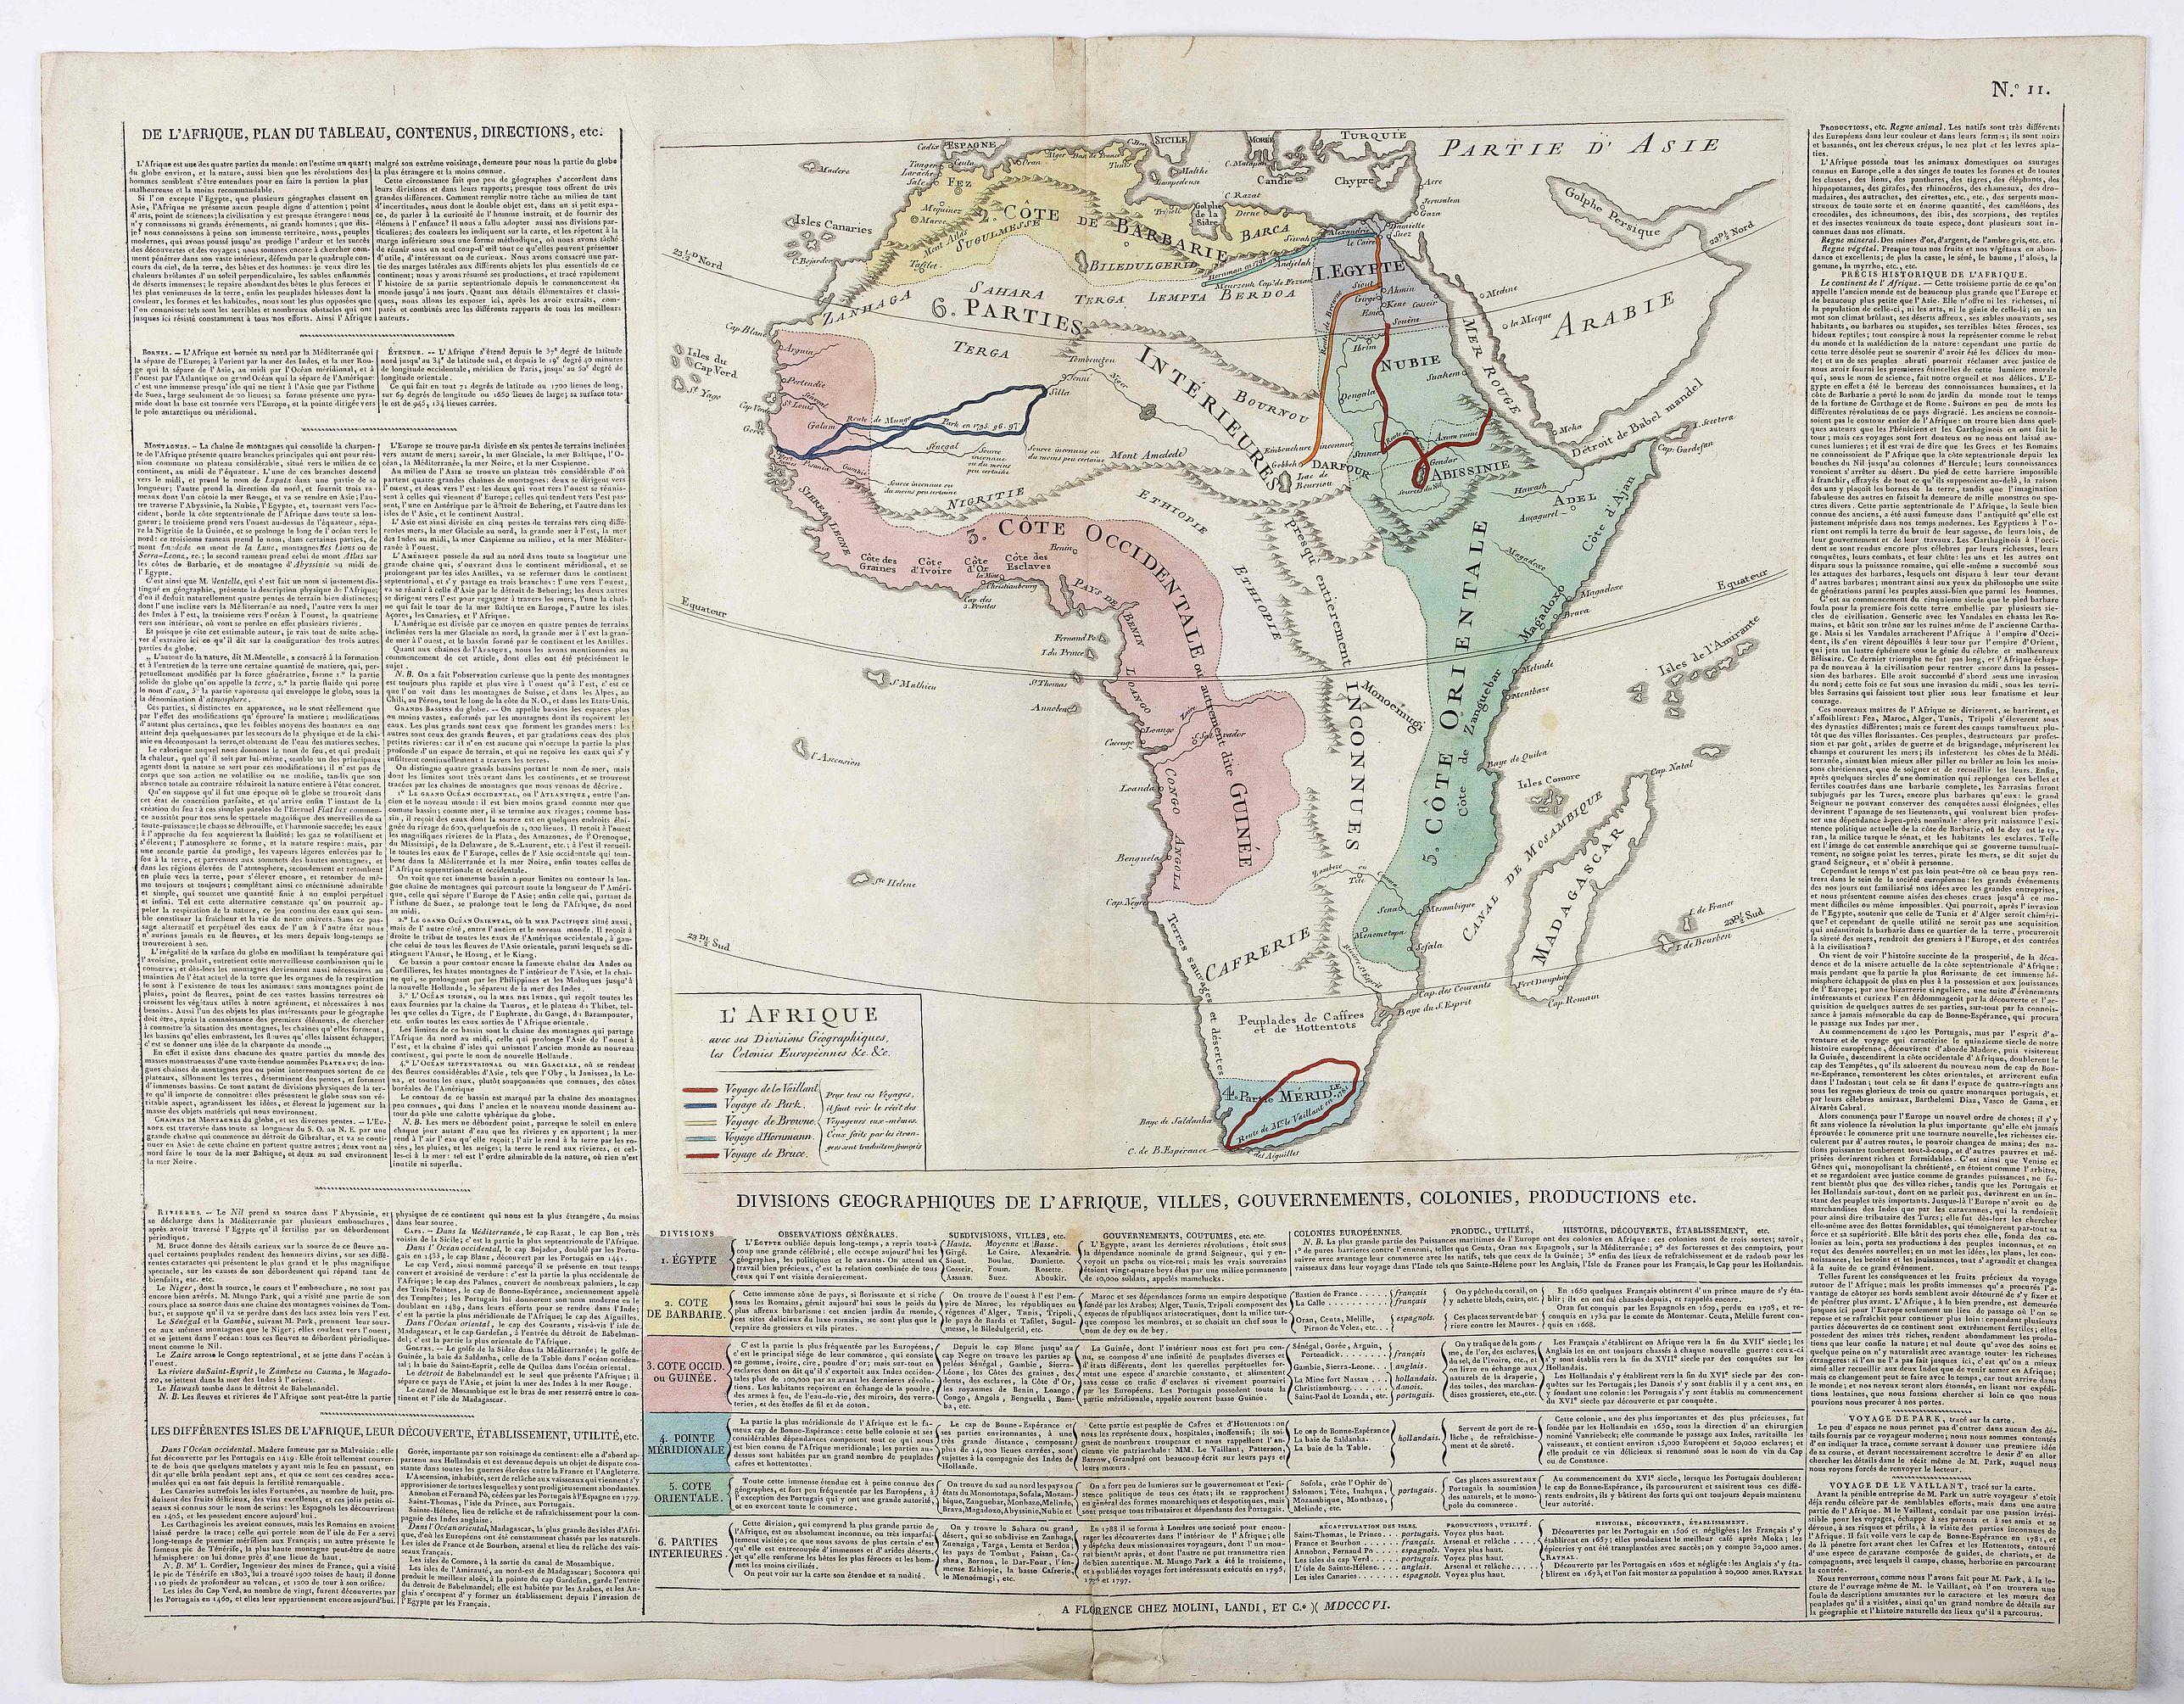 MOLINI, LANDI - L'Afrique avec ses divisions geographiques, les colonies Europeennes. . .